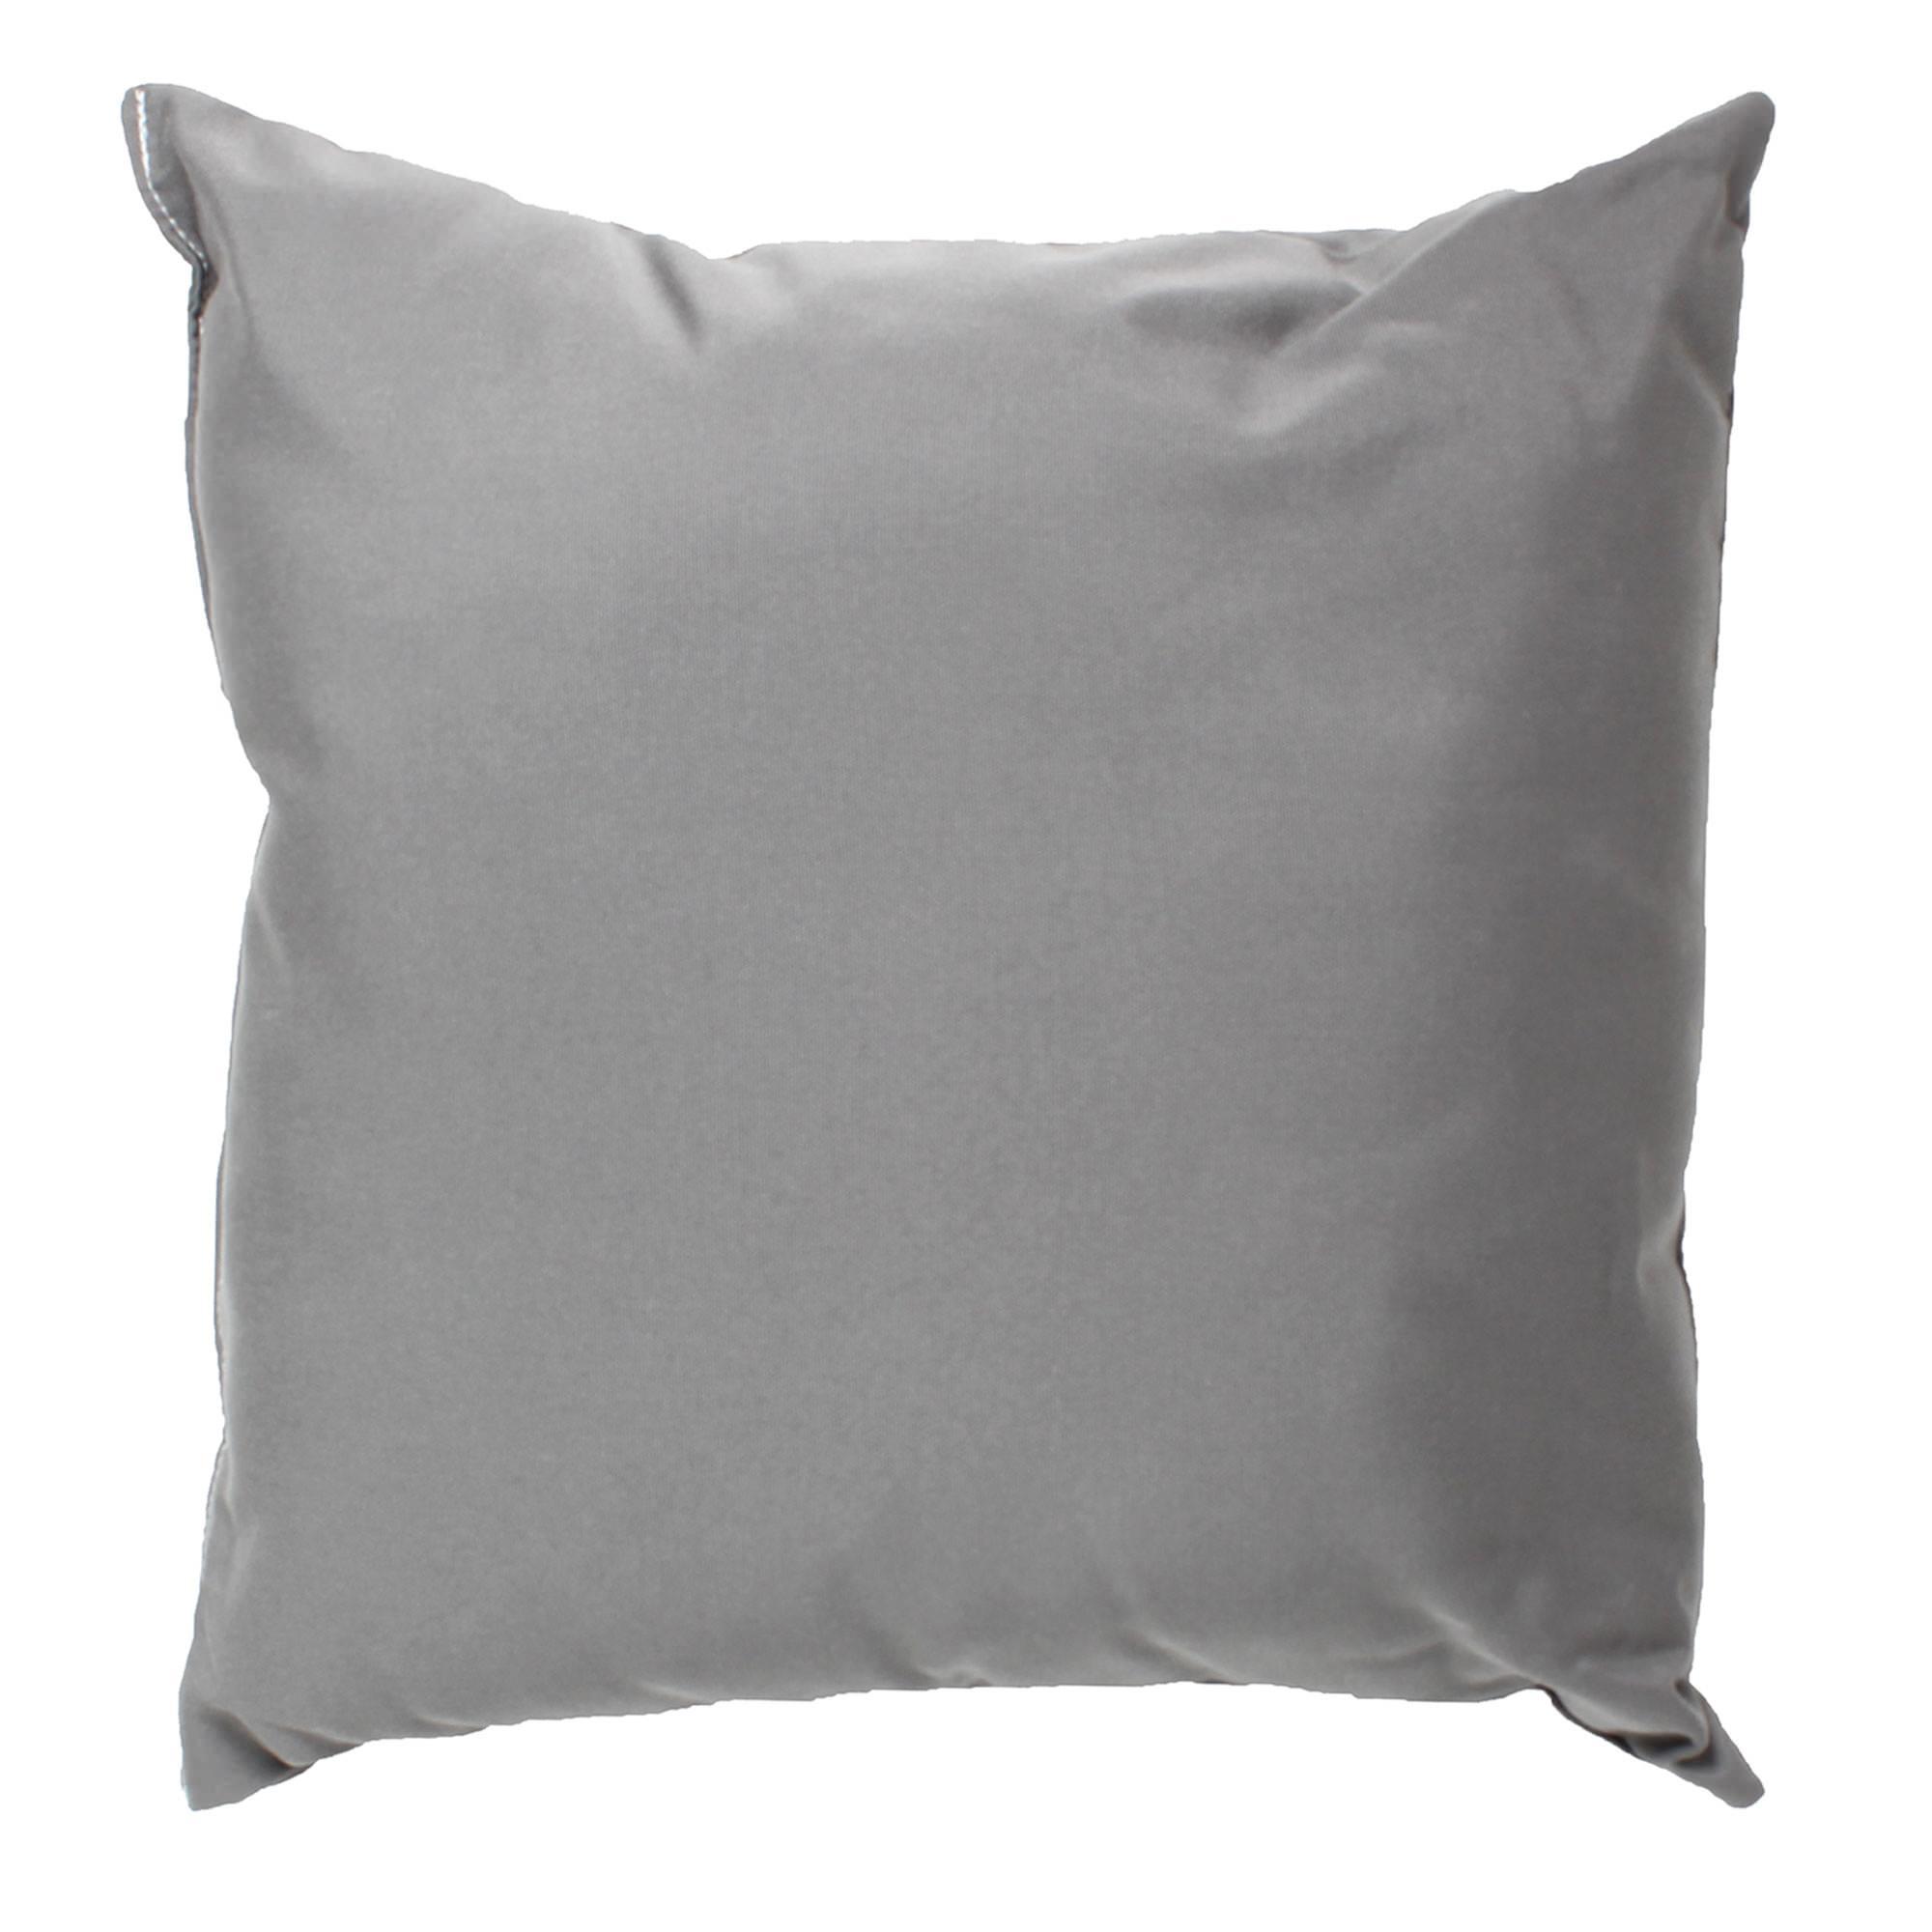 Charcoal Gray Sunbrella Outdoor Throw Pillow